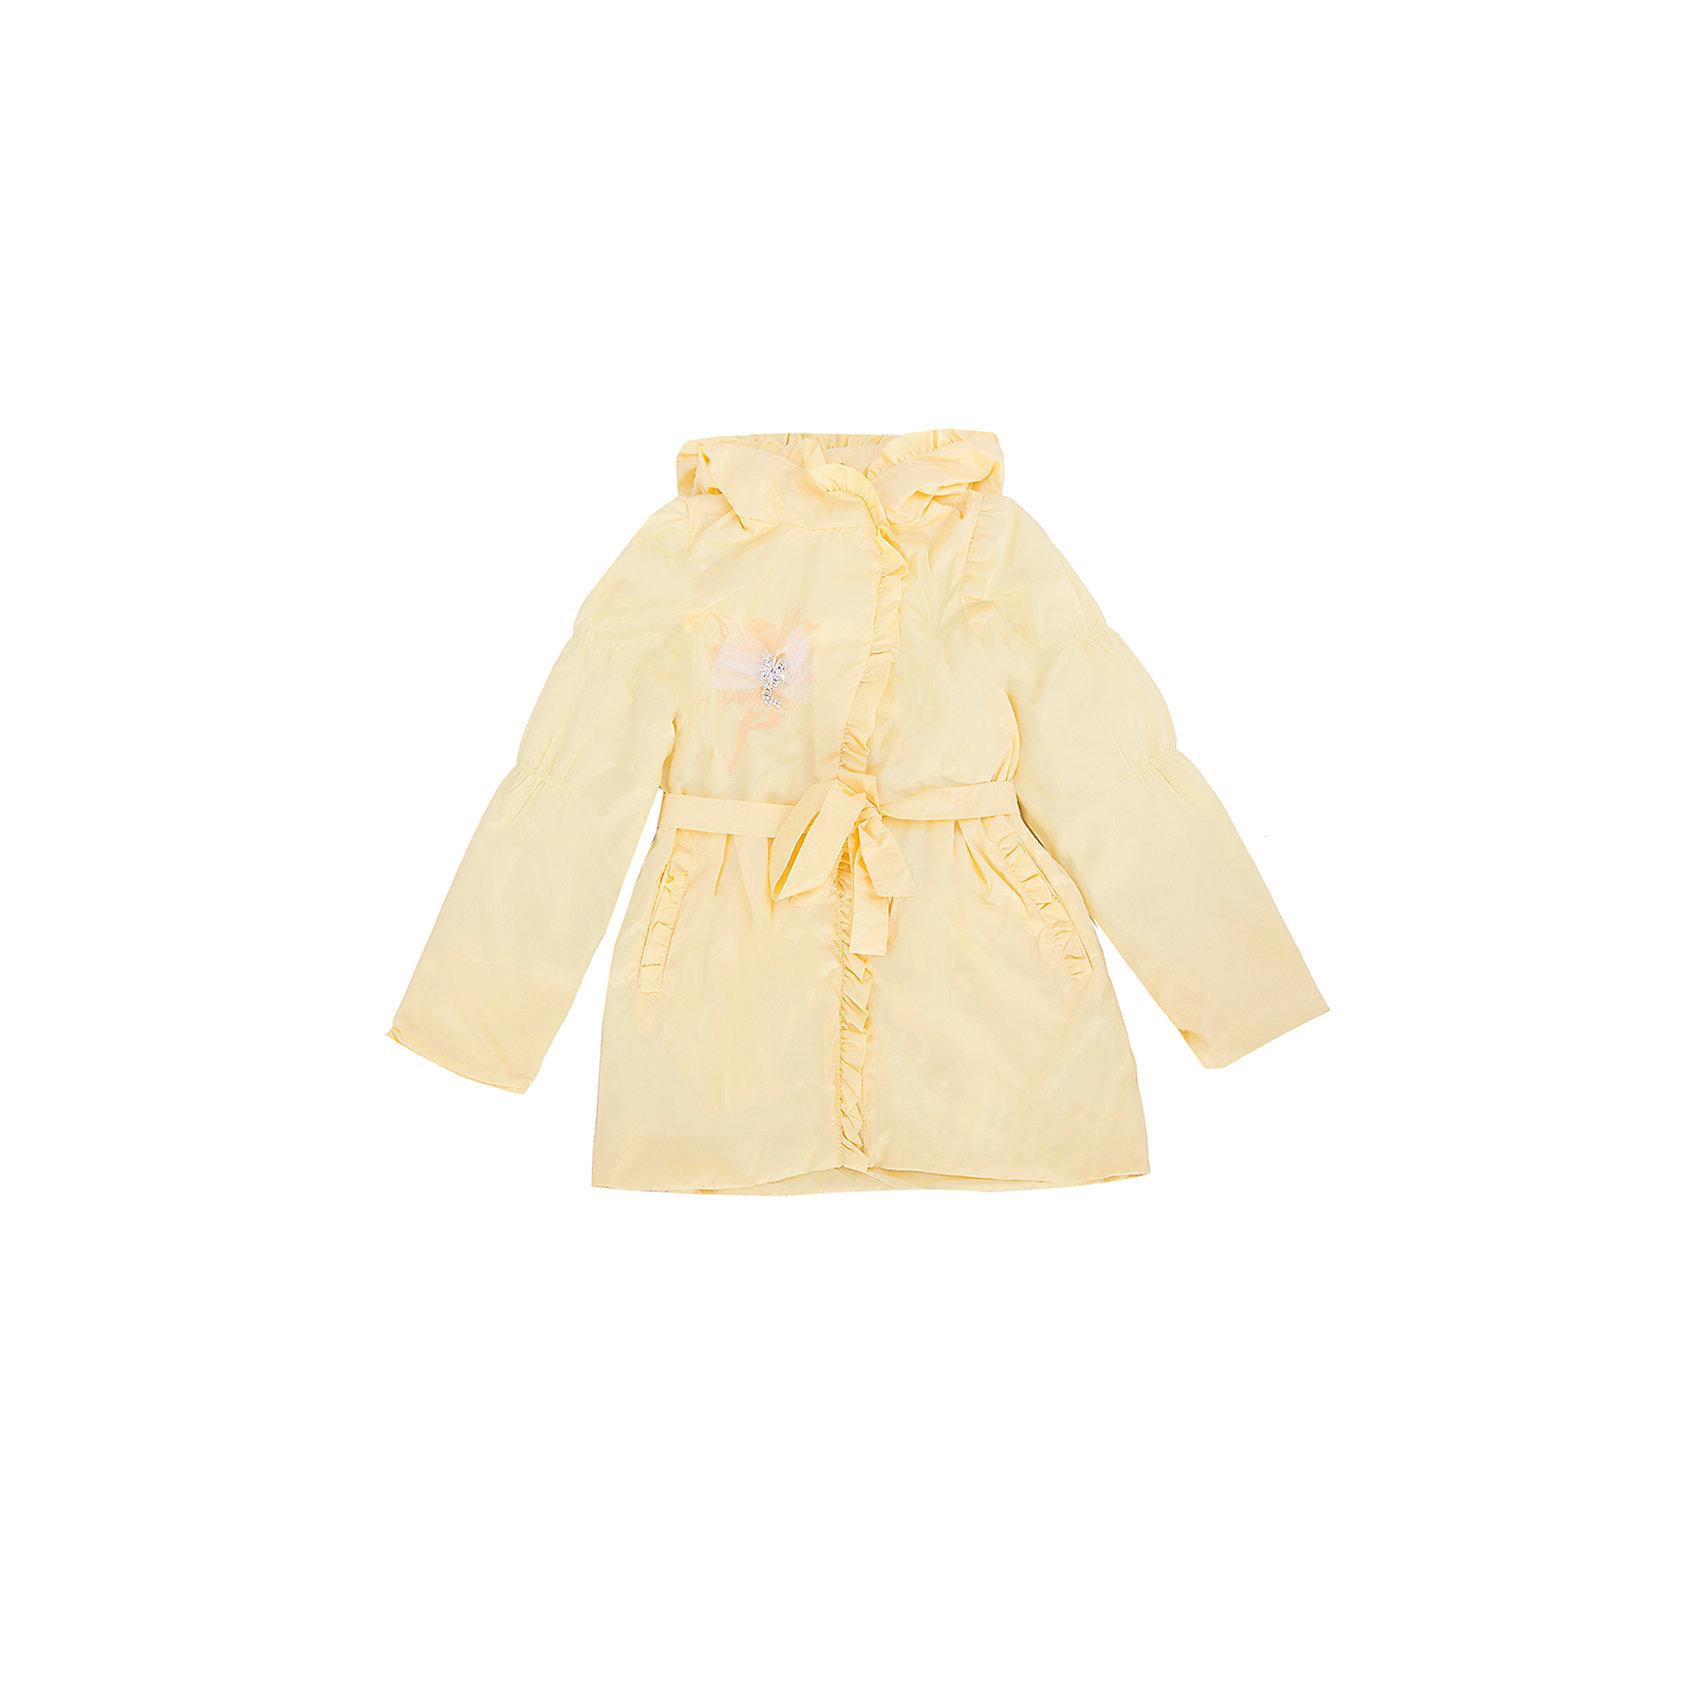 Ветровка для девочки АртельВерхняя одежда<br>Куртка для девочки от торговой марки Артель &#13;<br>&#13;<br>Модная куртка отлично смотрится и хорошо сидит. Изделие выполнено из качественных материалов, имеет удобные карманы и капюшон. Отличный вариант для переменной погоды межсезонья!&#13;<br>Одежда от бренда Артель – это высокое качество по приемлемой цене и всегда продуманный дизайн. &#13;<br>&#13;<br>Особенности модели: &#13;<br>- цвет - желтый;&#13;<br>- наличие карманов;&#13;<br>- наличие капюшона;&#13;<br>- пояс с бантом;&#13;<br>- отделка рюшами;&#13;<br>- застежка-молния.&#13;<br>&#13;<br>Дополнительная информация:&#13;<br>&#13;<br>Состав: &#13;<br>- верх: YSD;&#13;<br>- подкладка: хлопок интерлок, тиси.&#13;<br>&#13;<br>Температурный режим: &#13;<br>от +5 °C до + 20 °C&#13;<br>&#13;<br>Куртку для девочки Артель (Artel) можно купить в нашем магазине.<br><br>Ширина мм: 356<br>Глубина мм: 10<br>Высота мм: 245<br>Вес г: 519<br>Цвет: желтый<br>Возраст от месяцев: 36<br>Возраст до месяцев: 48<br>Пол: Женский<br>Возраст: Детский<br>Размер: 122,116,110,104,128<br>SKU: 4496180